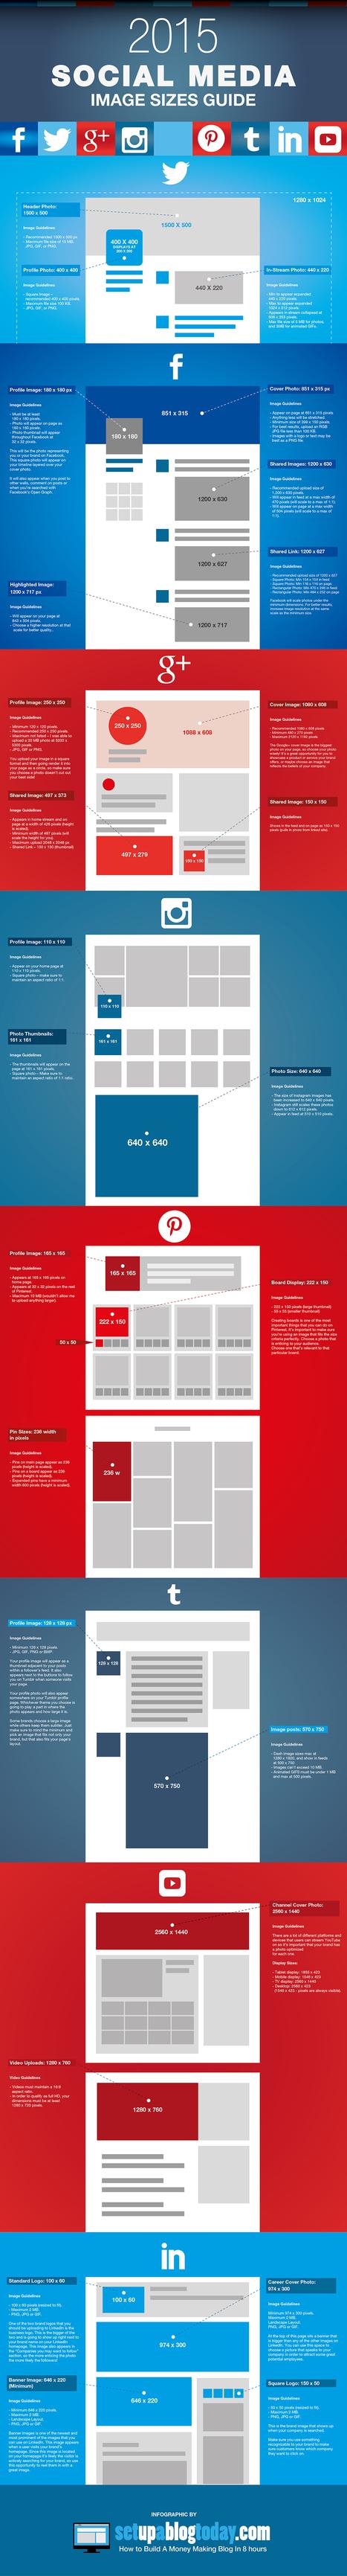 Le guide 2015 des tailles des images sur les réseaux sociaux | #C.M | Scoop.it